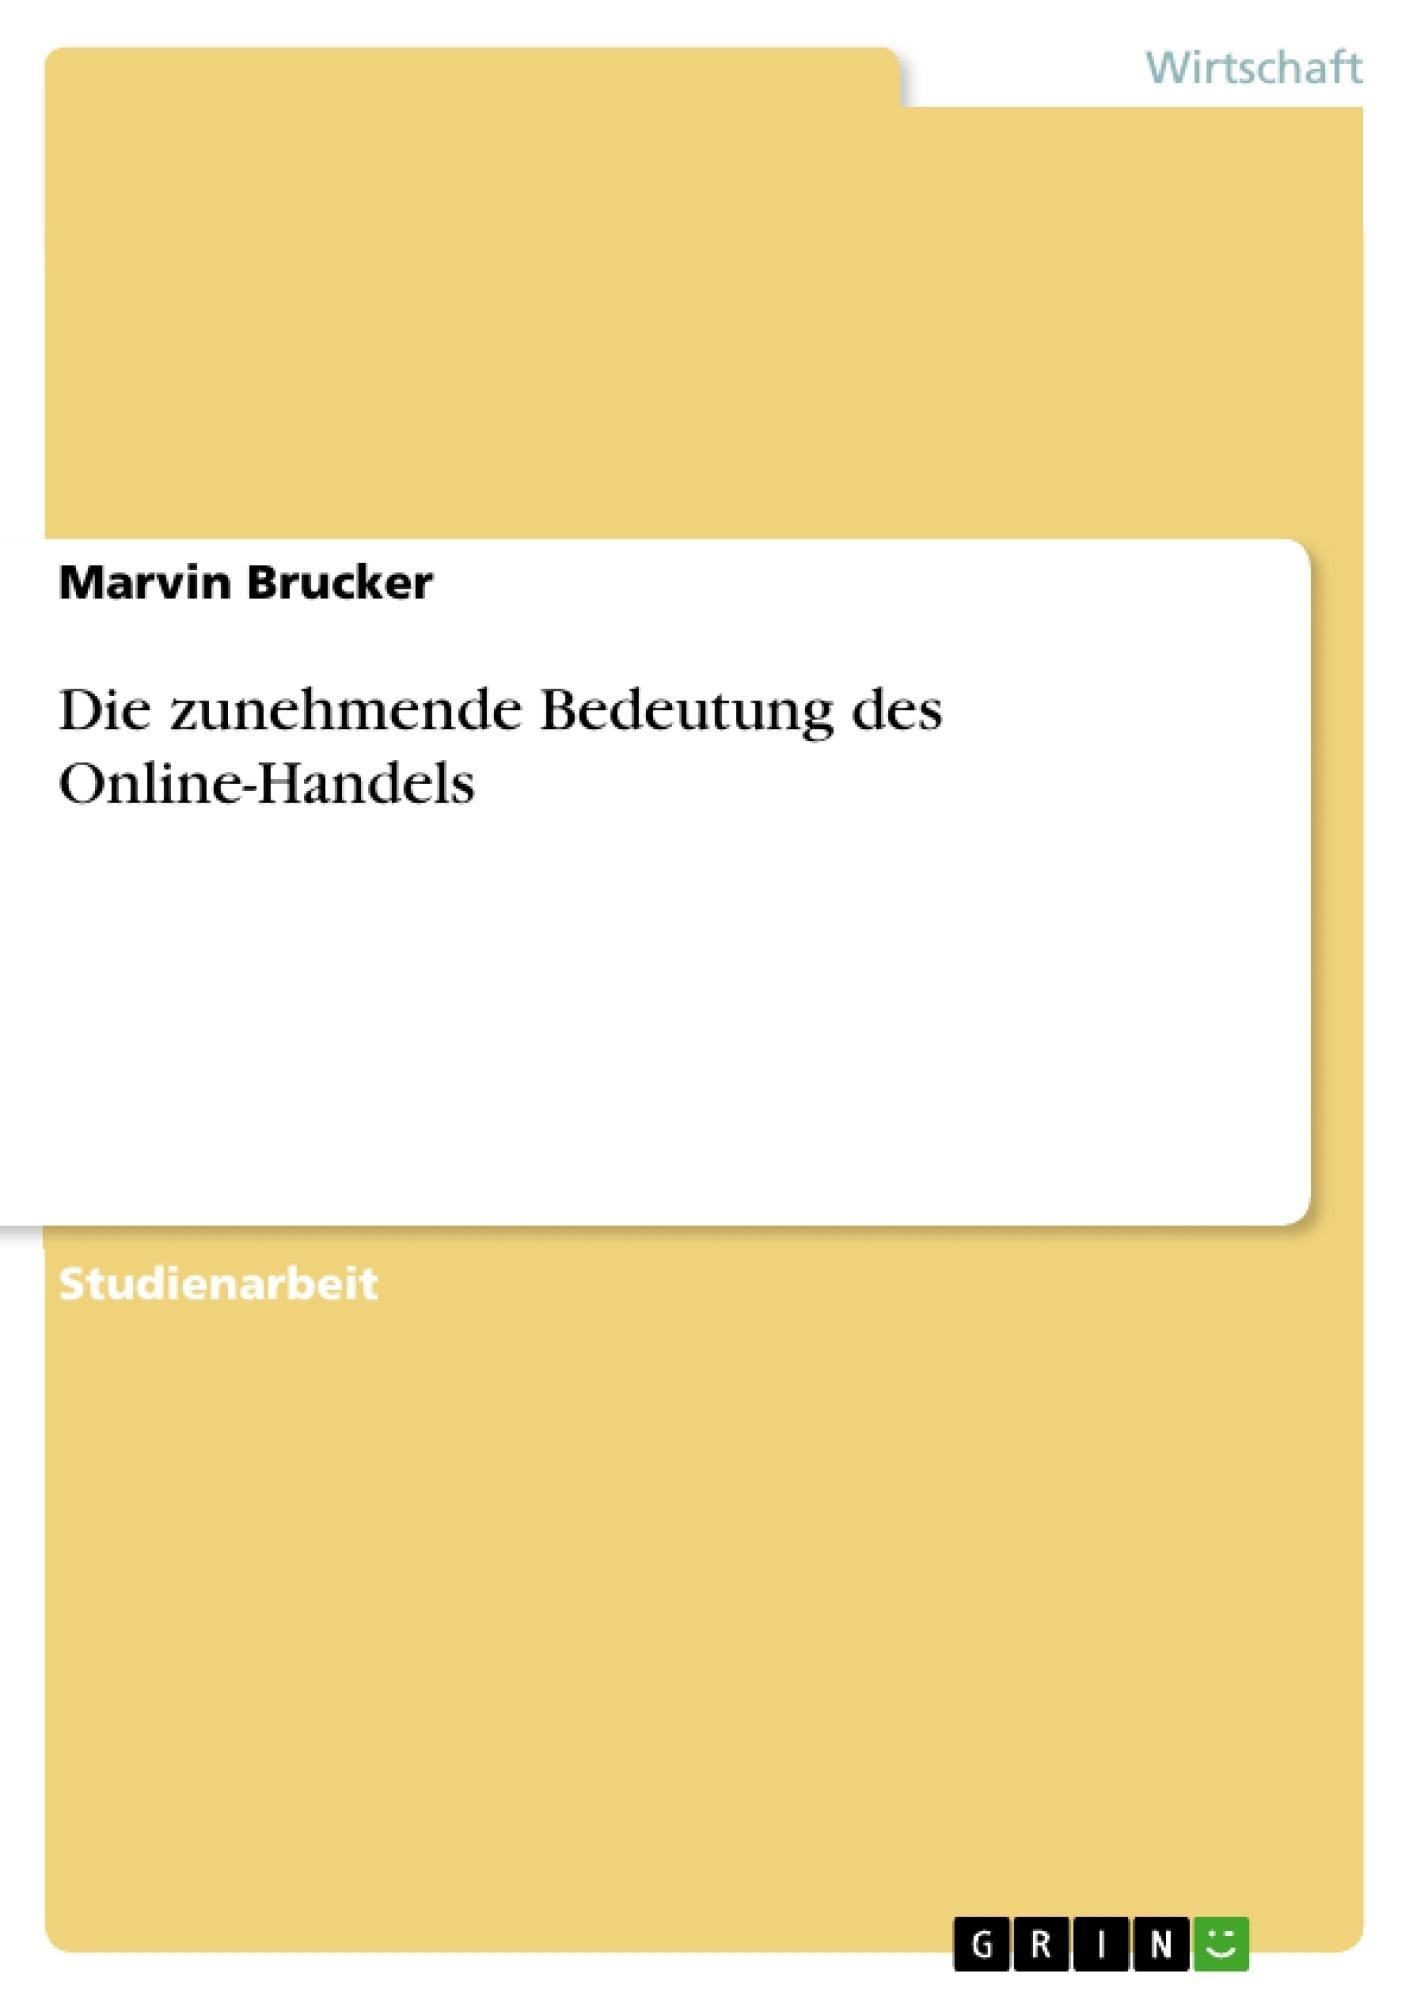 Titel: Die zunehmende Bedeutung des Online-Handels